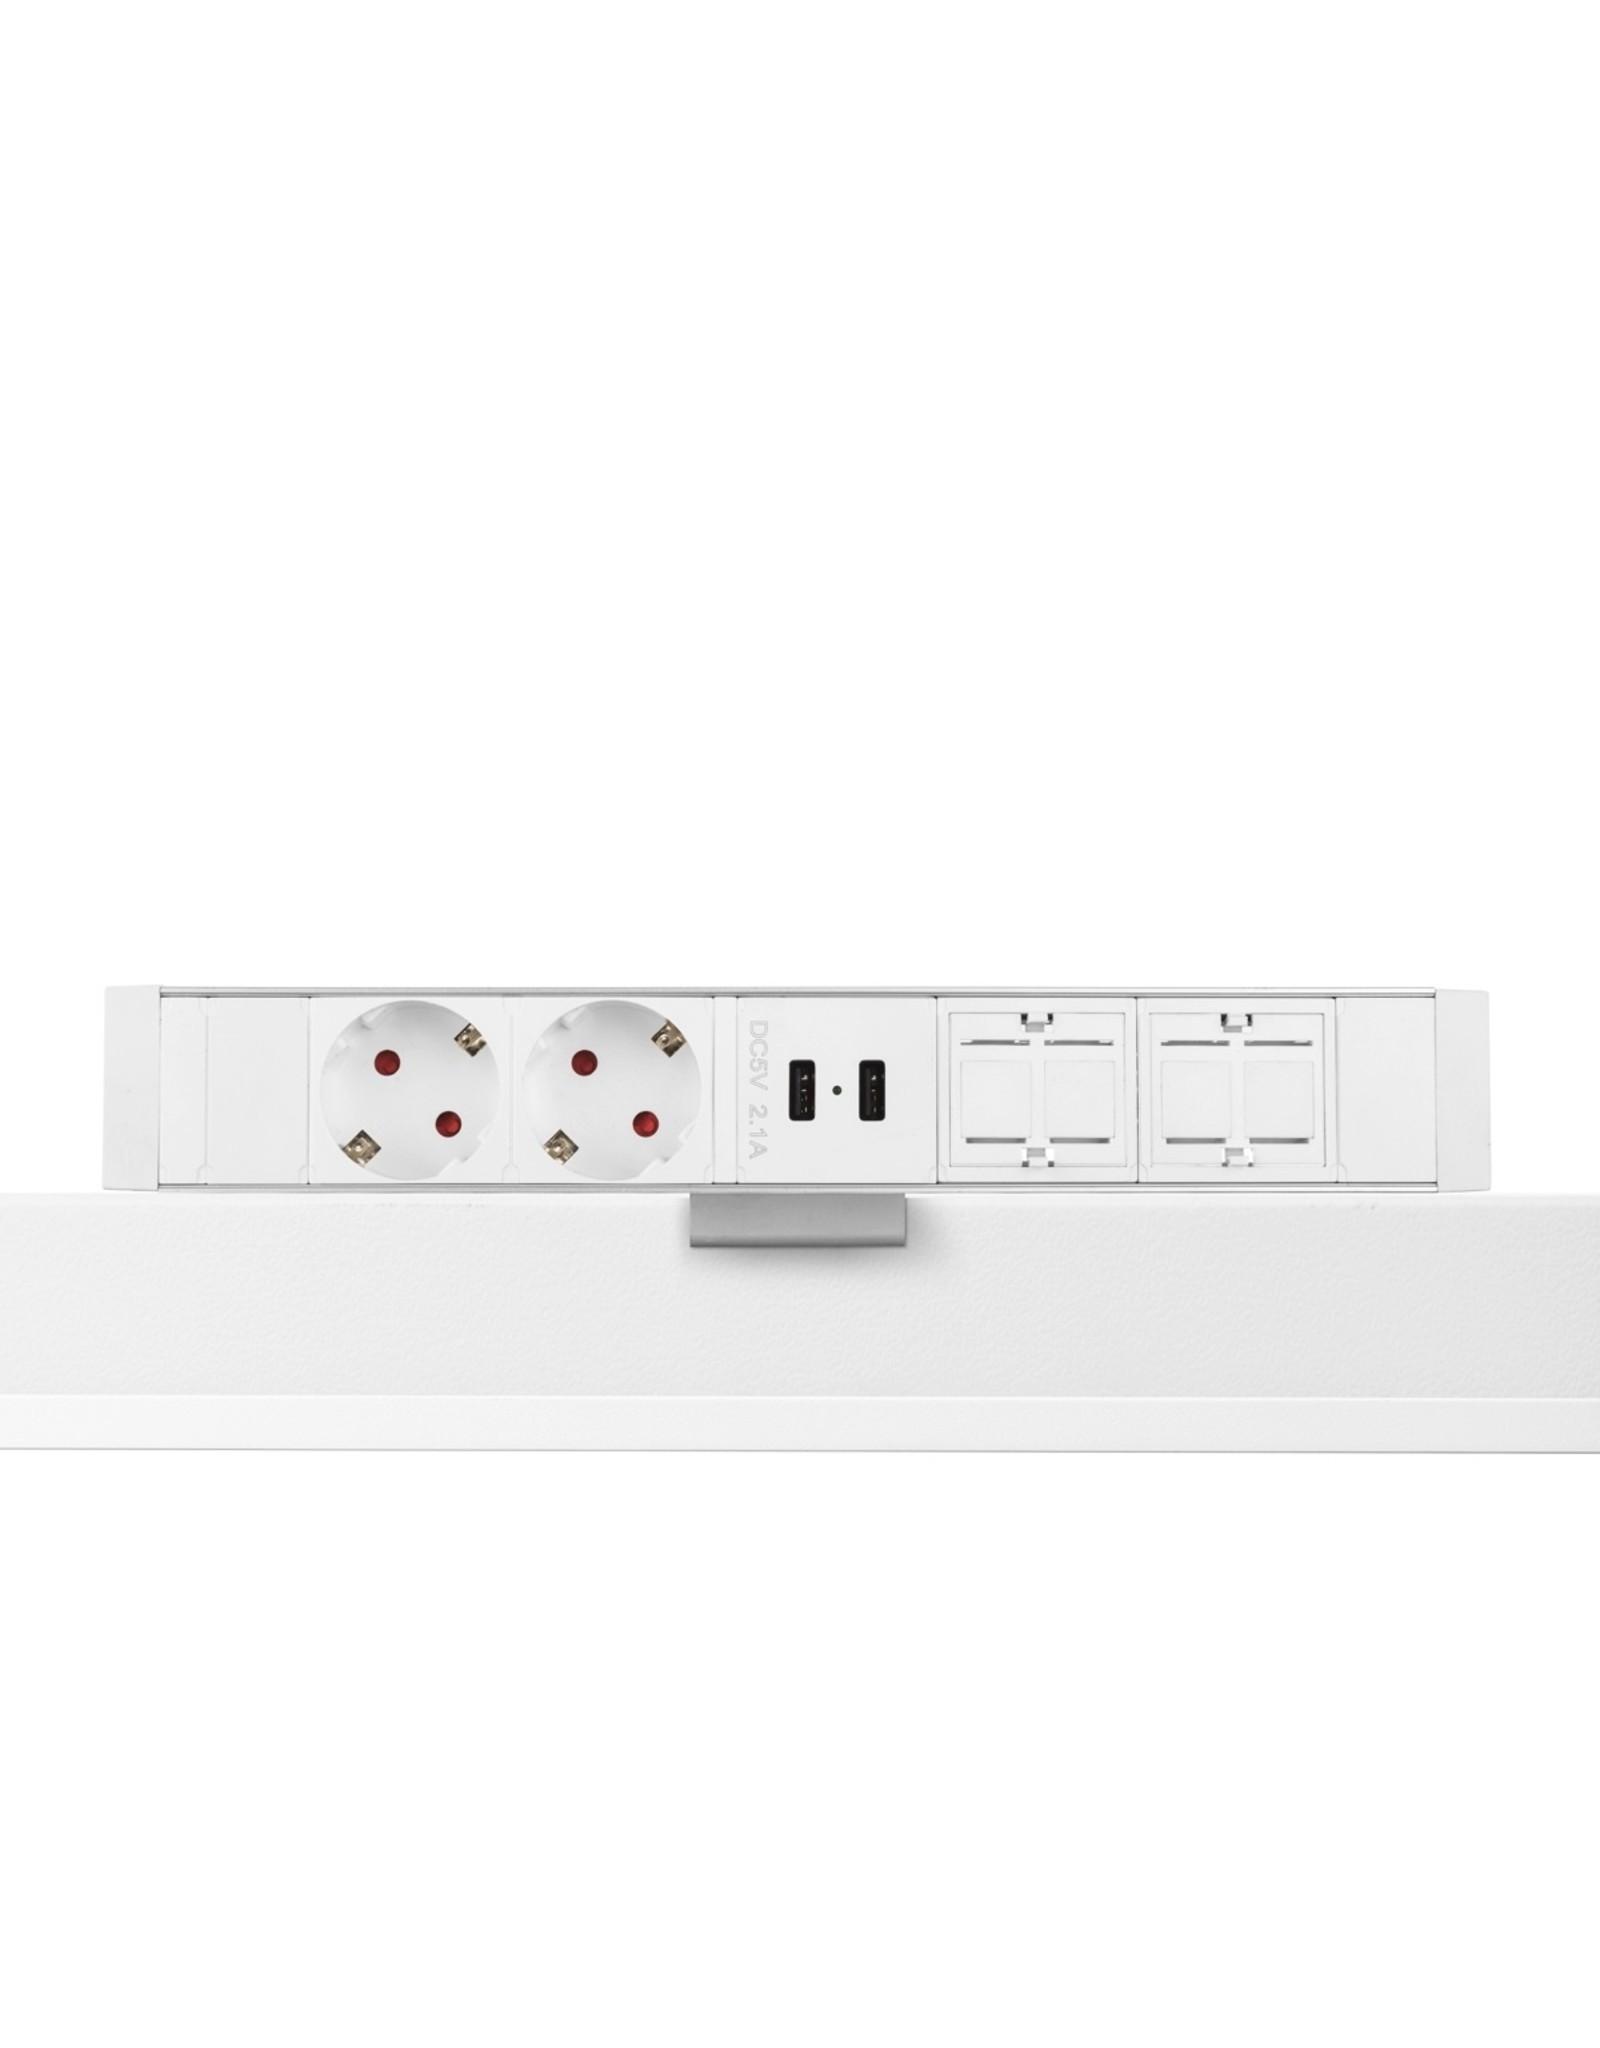 Ergo Power Desk up - 2x 230V - 2x USB charger - 2x Keystone